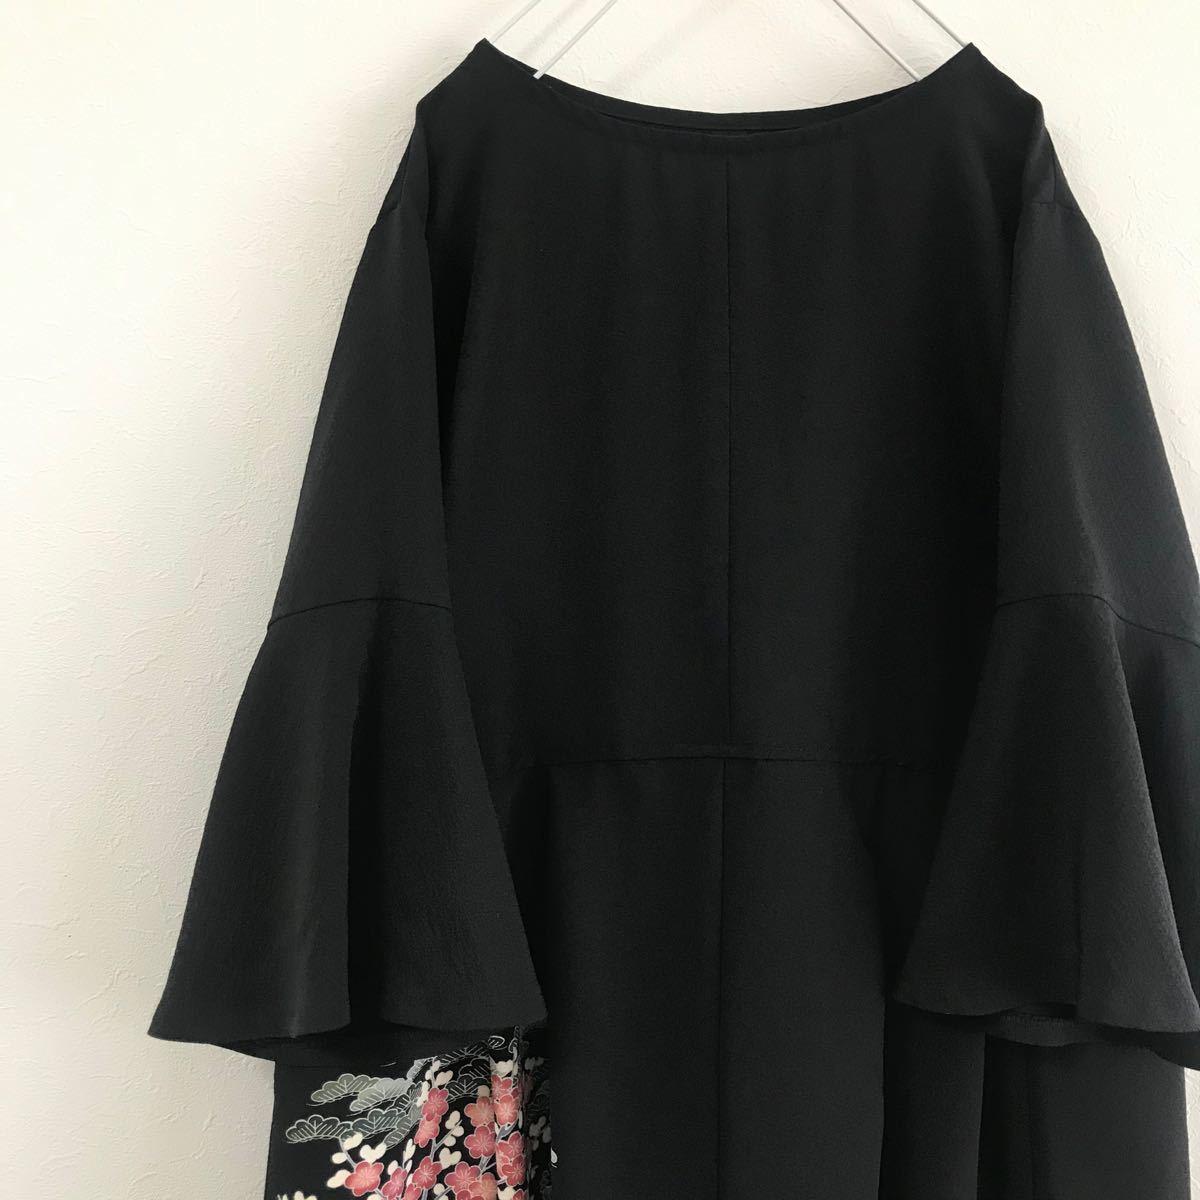 着物リメイク ワンピース ドレス 黒留袖 正絹 作家物 落款 友禅